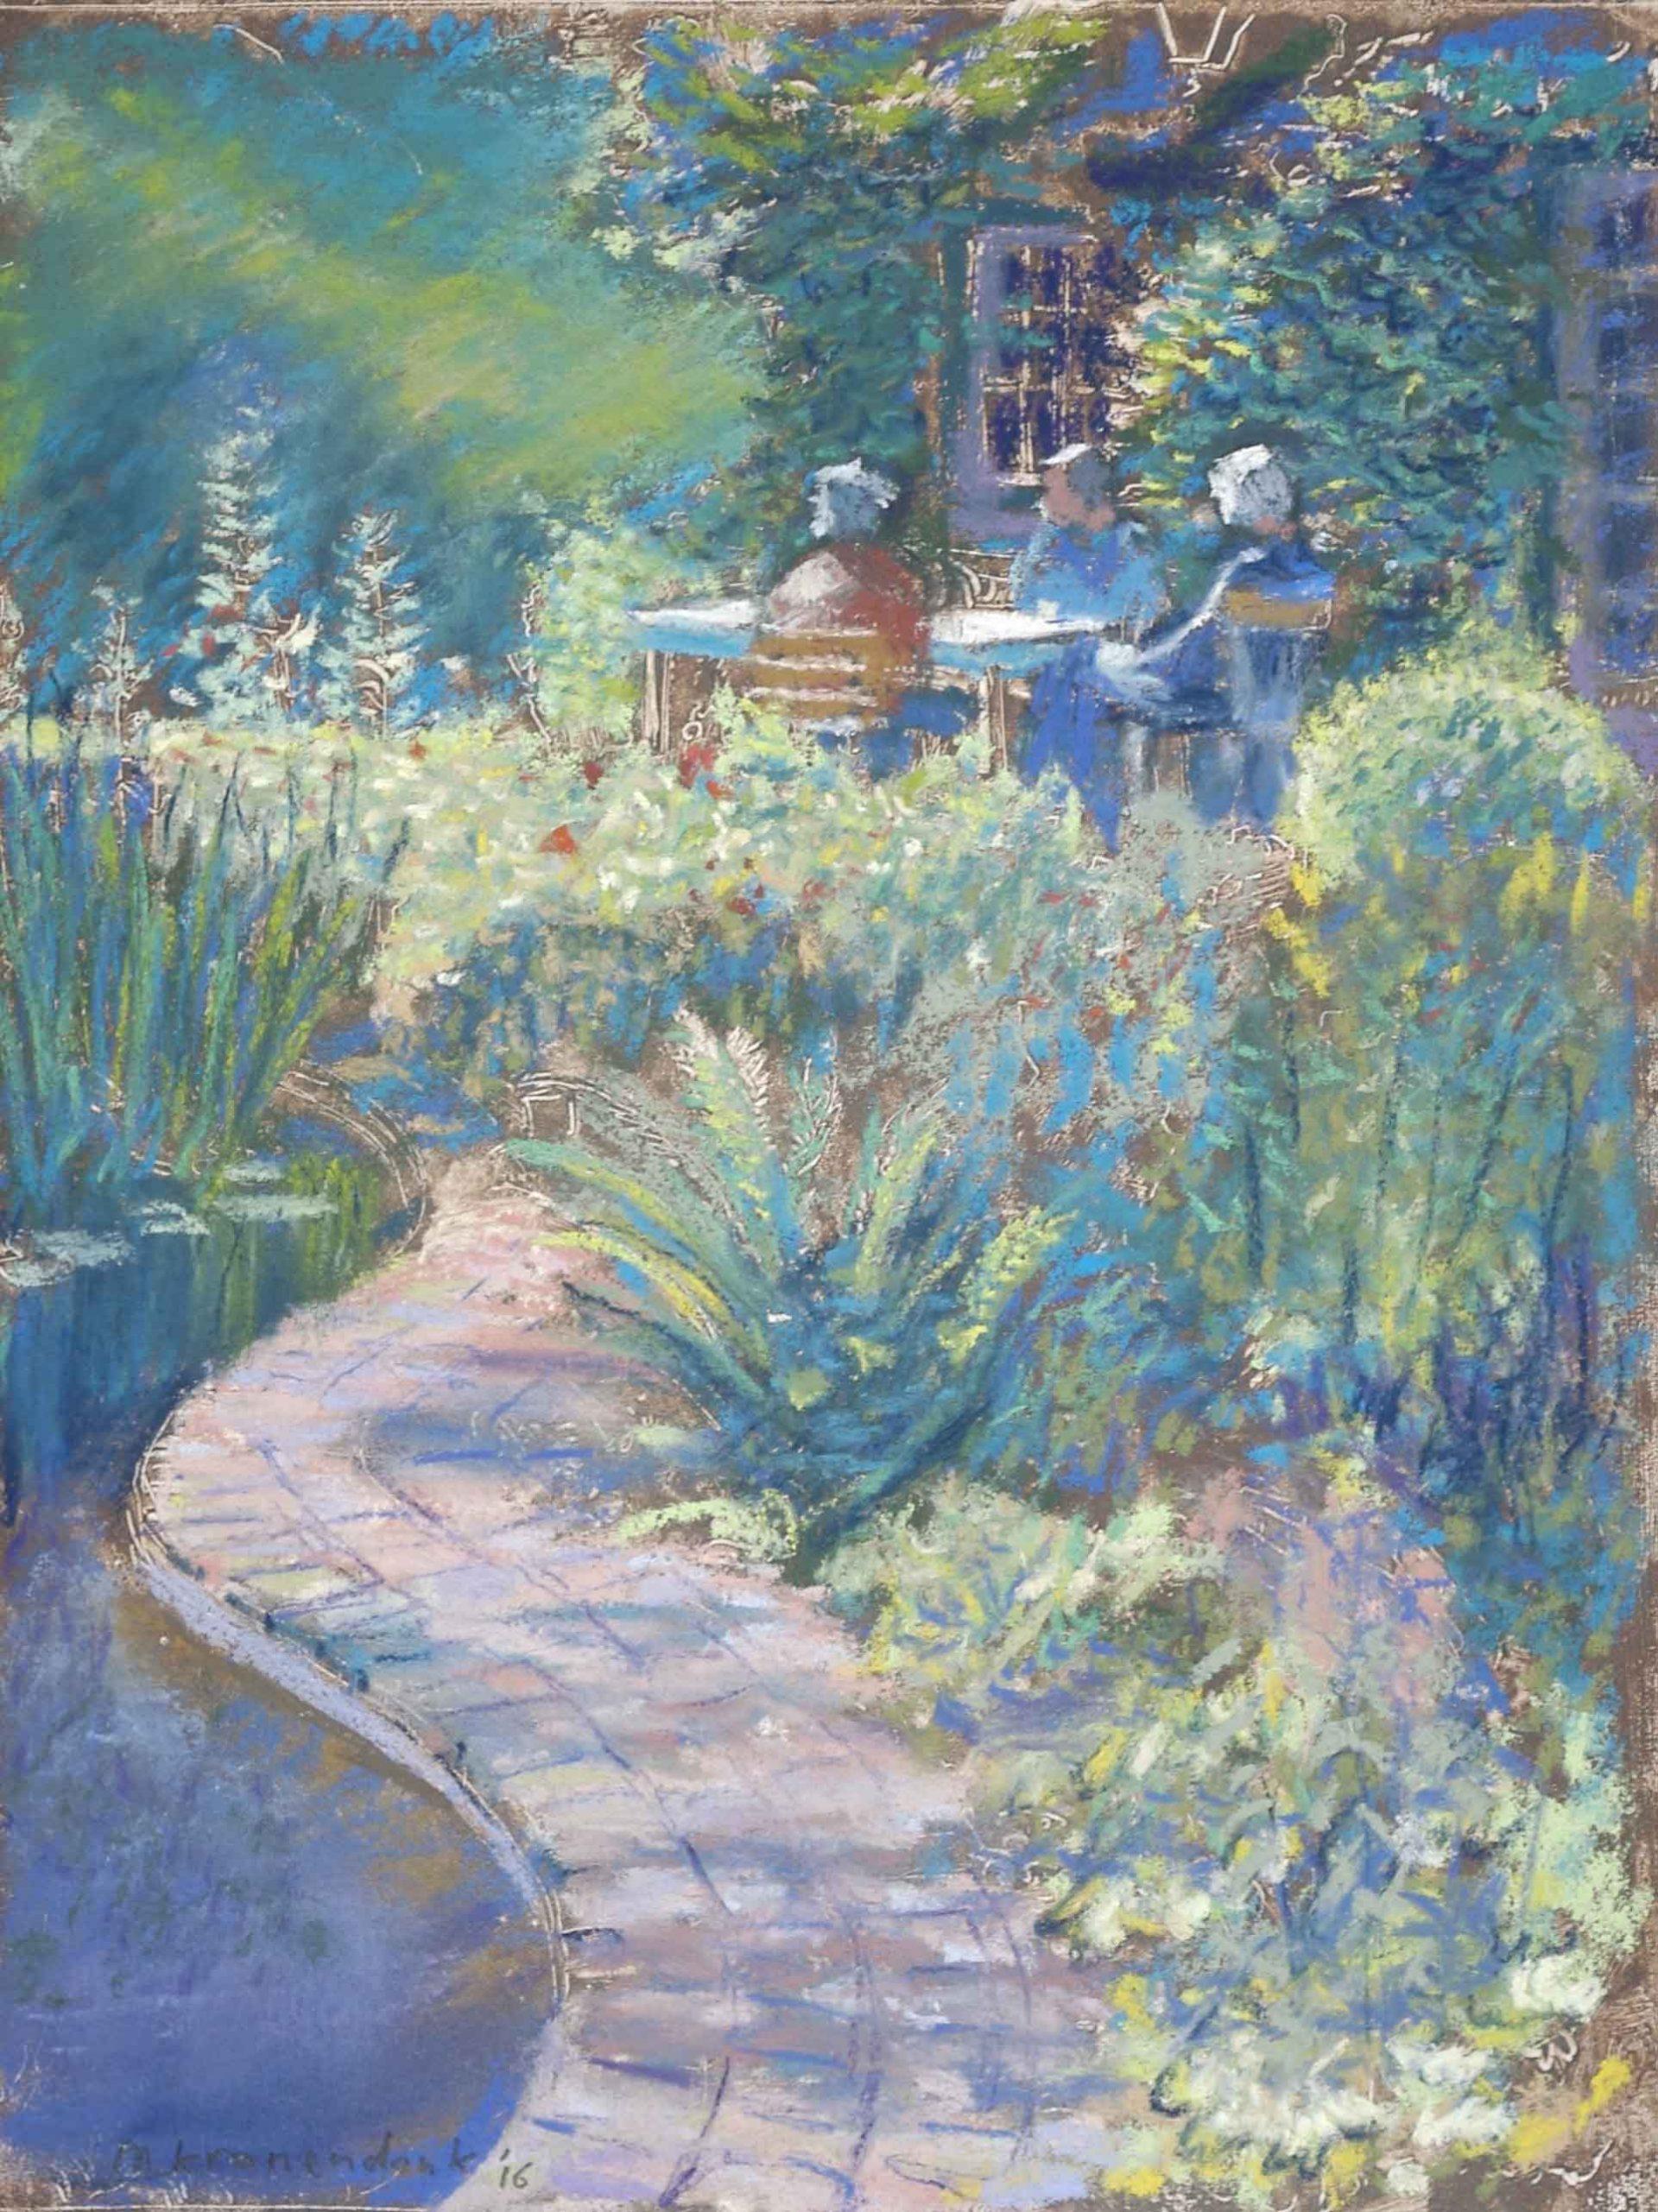 Huisportret in opdracht, zonnig schilderij van woonhuis en tuin met bewoners , aandenken aan woonhuis,impressie